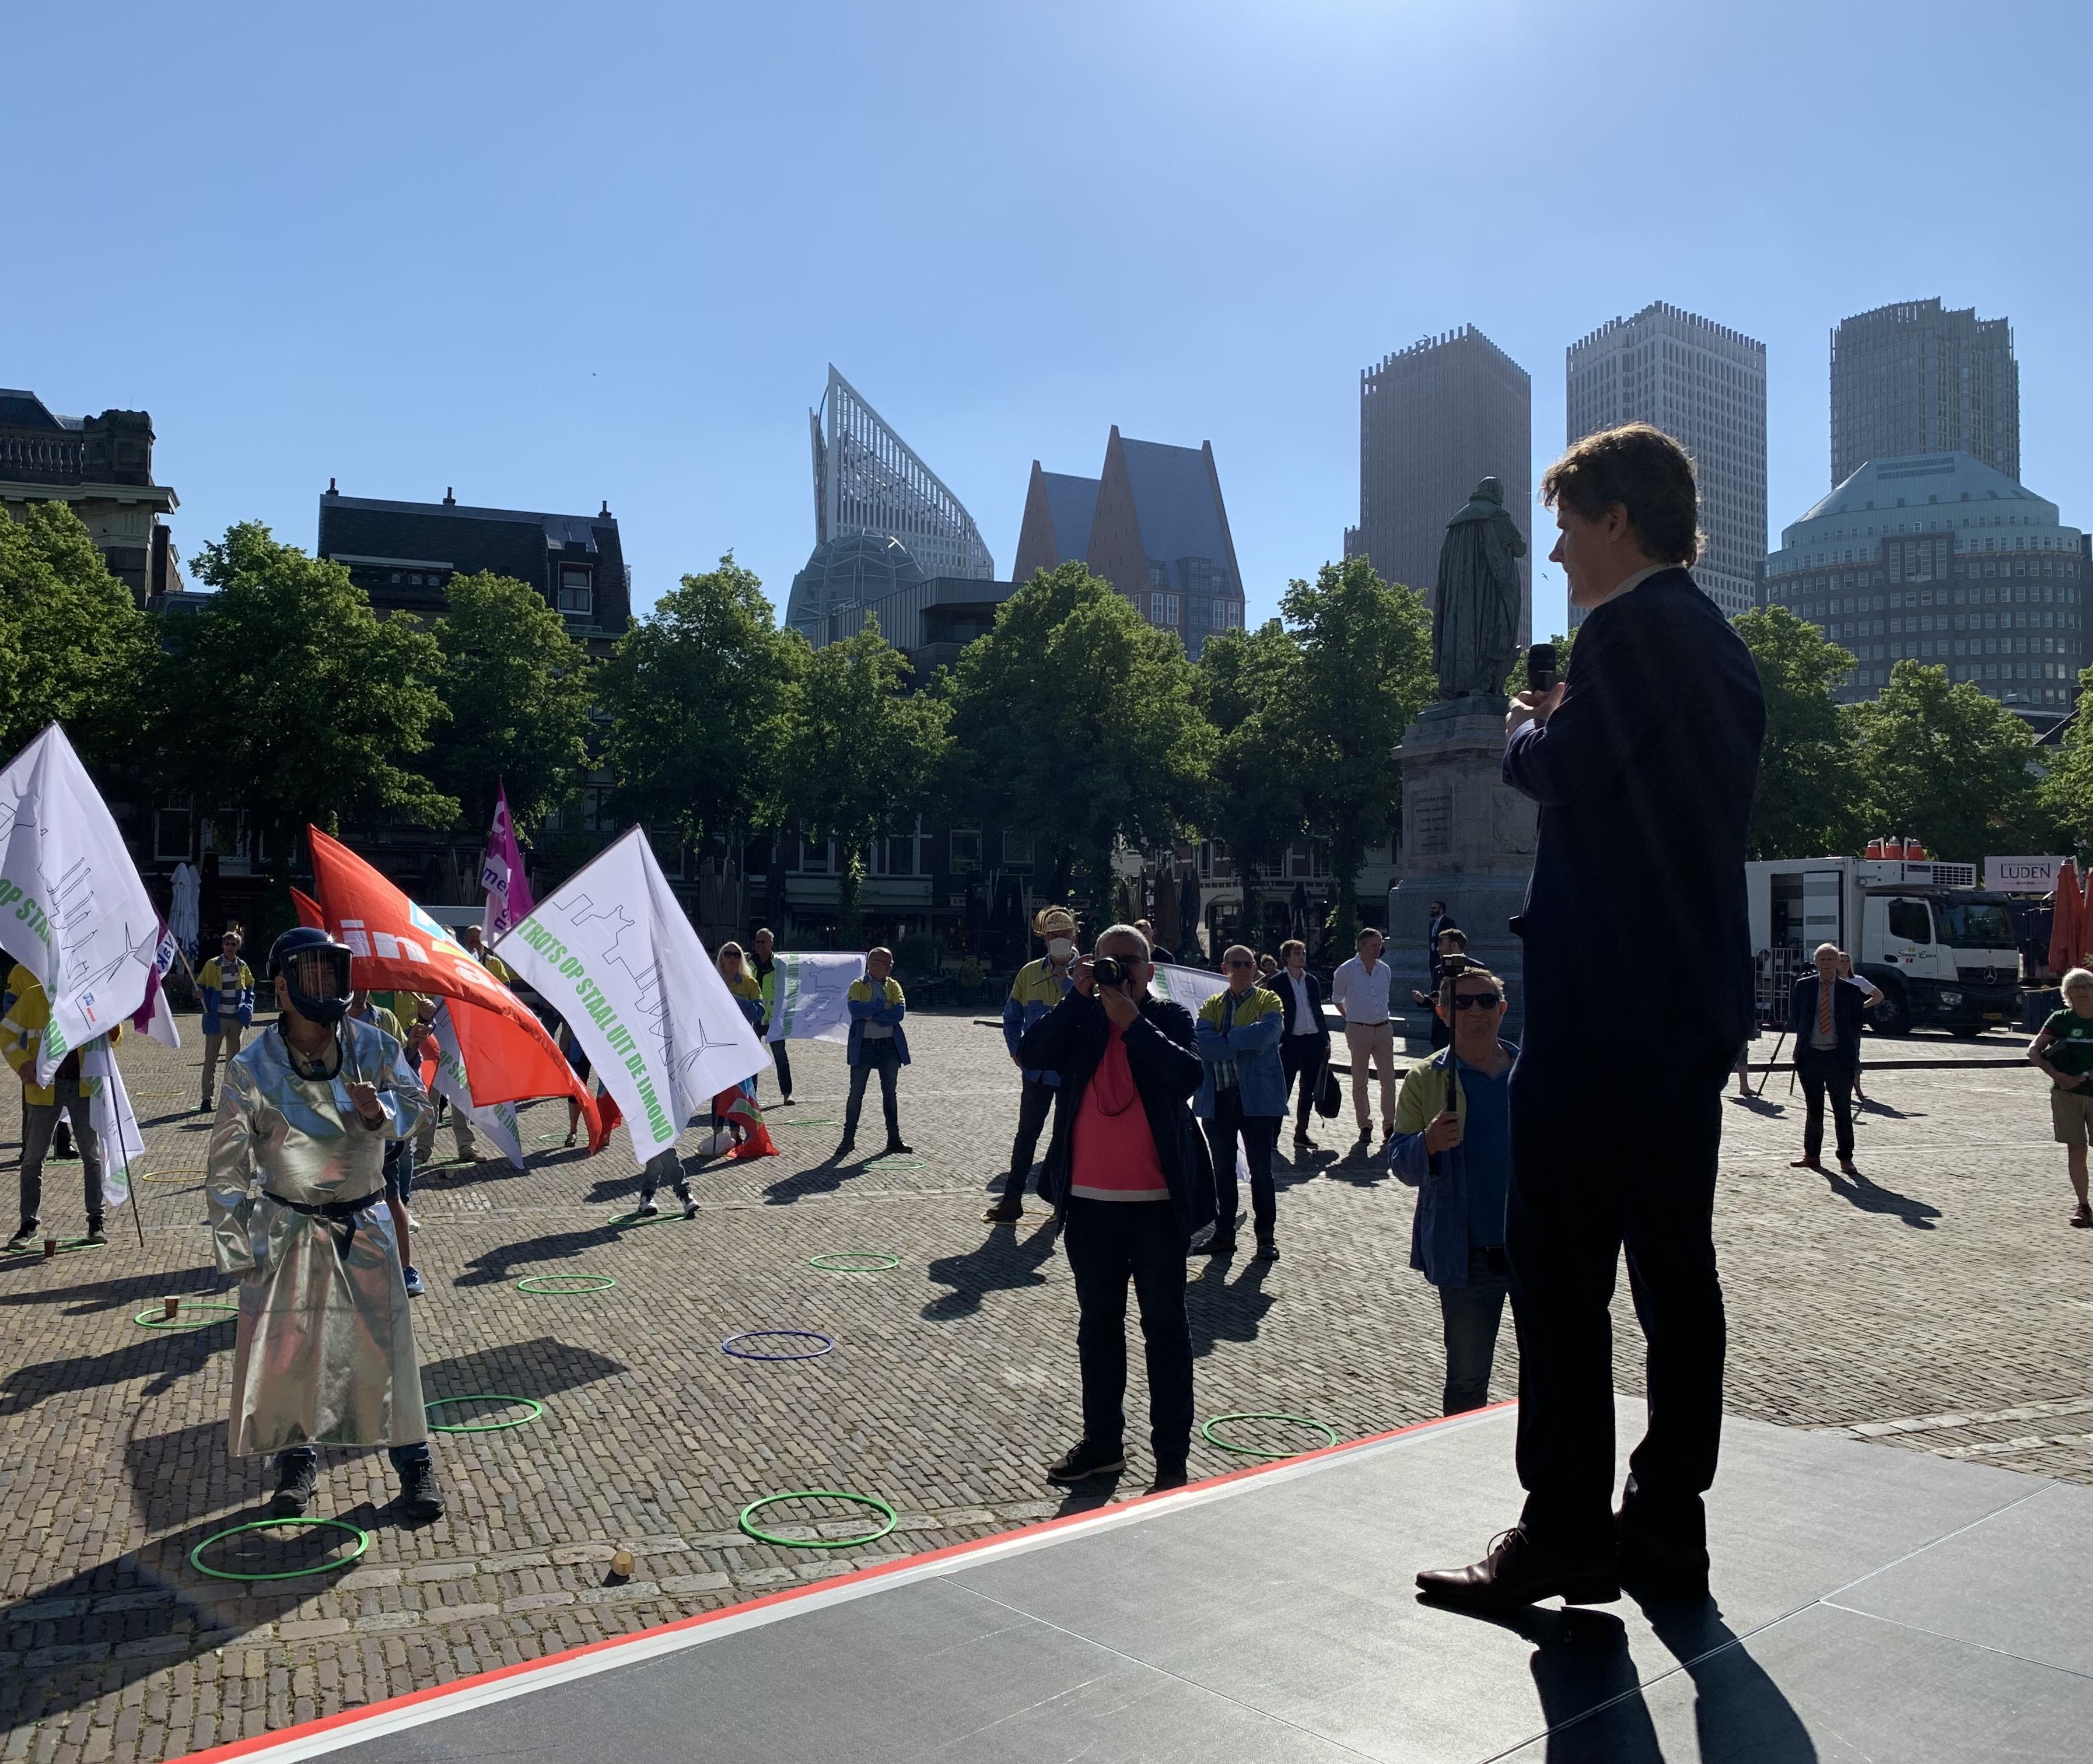 'Mijn kleinkinderen lopen ook rond in de IJmond', werknemers hopen op steun parlement voor groener Tata Steel